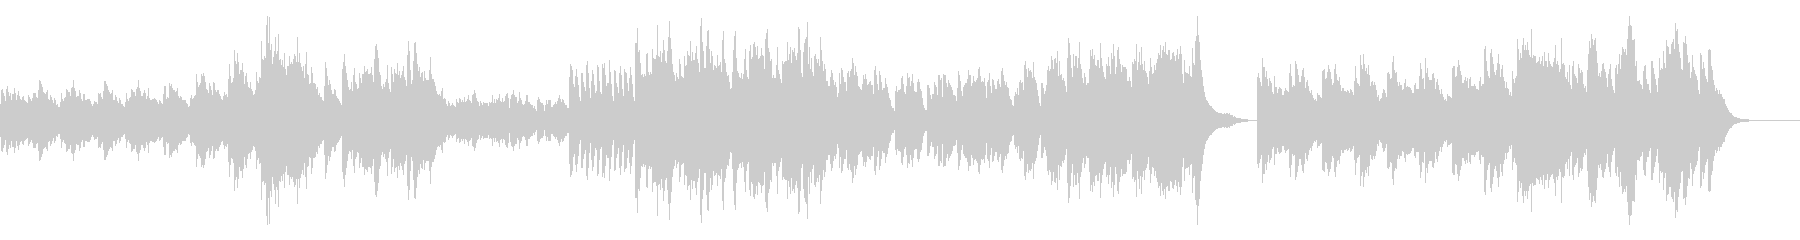 クラシカルで不気味なホラー/ピアノソロの未再生の波形